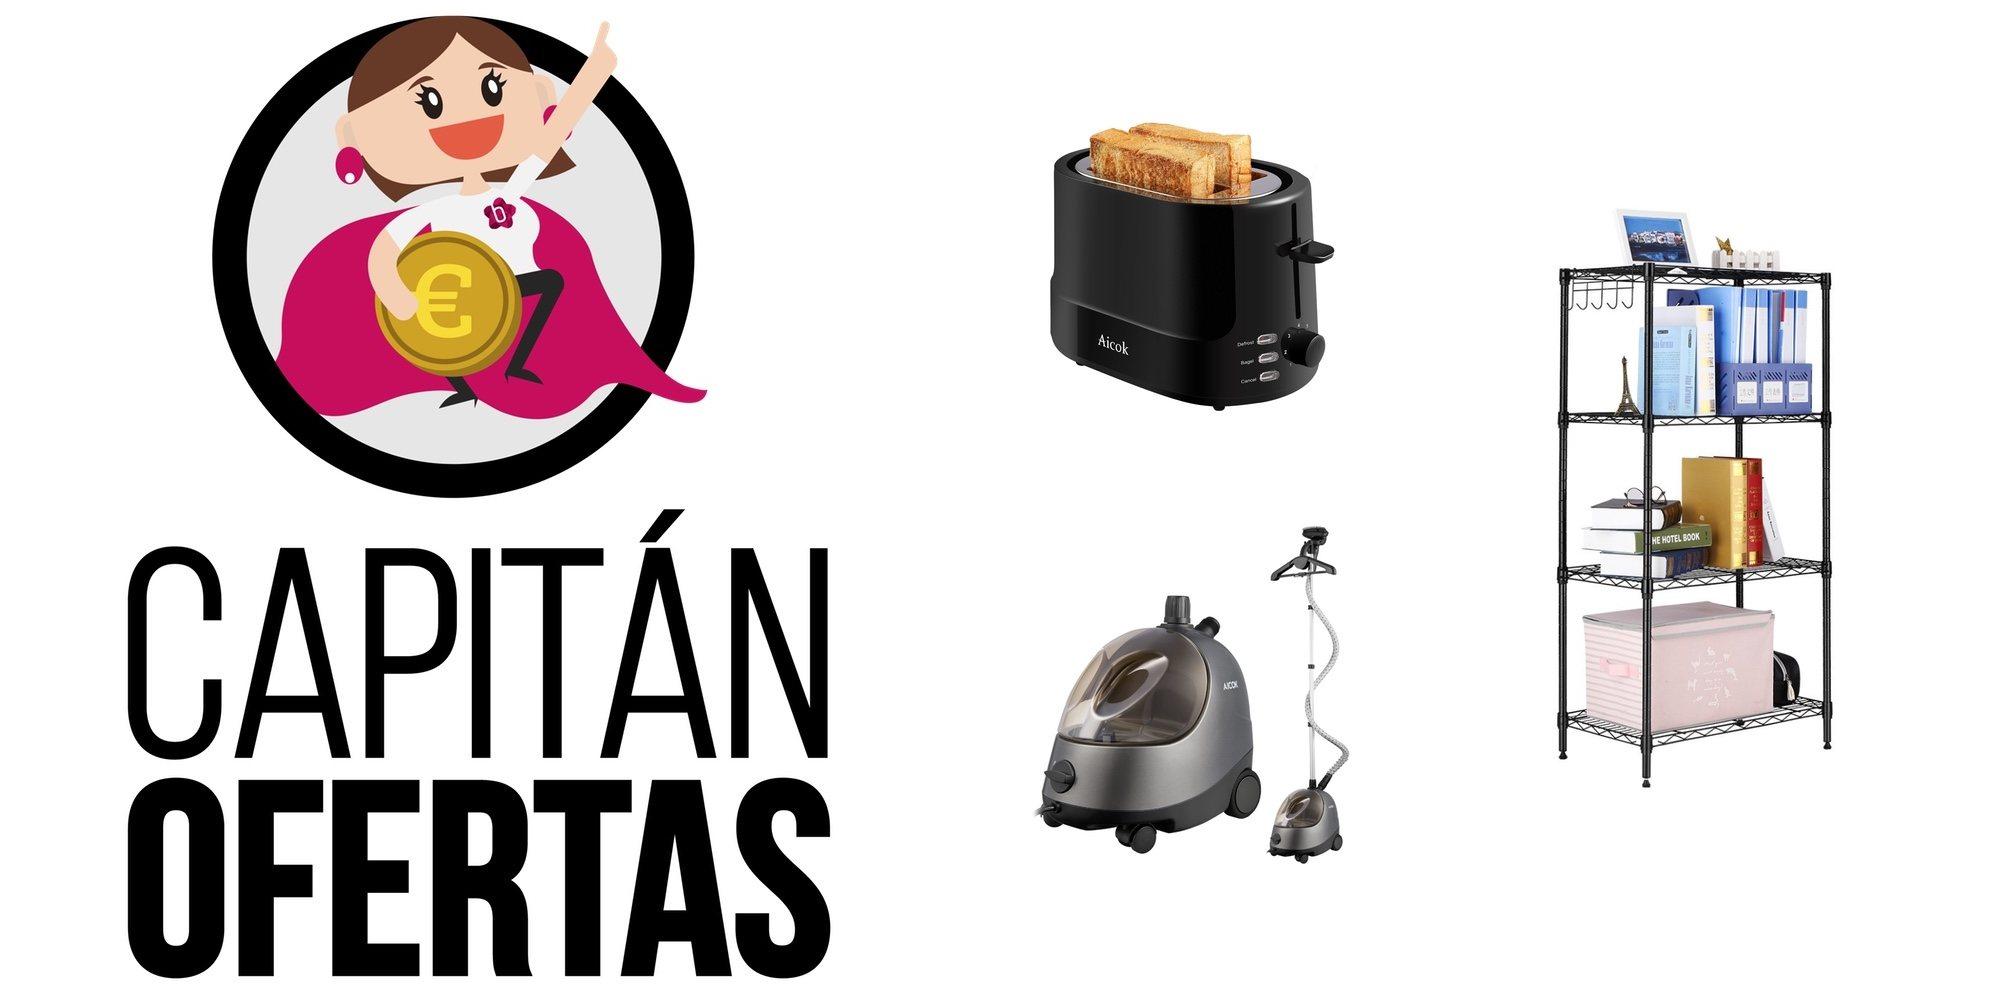 Capitán Ofertas tiene los mejores descuentos en productos para el hogar, ¡no te los pierdas!